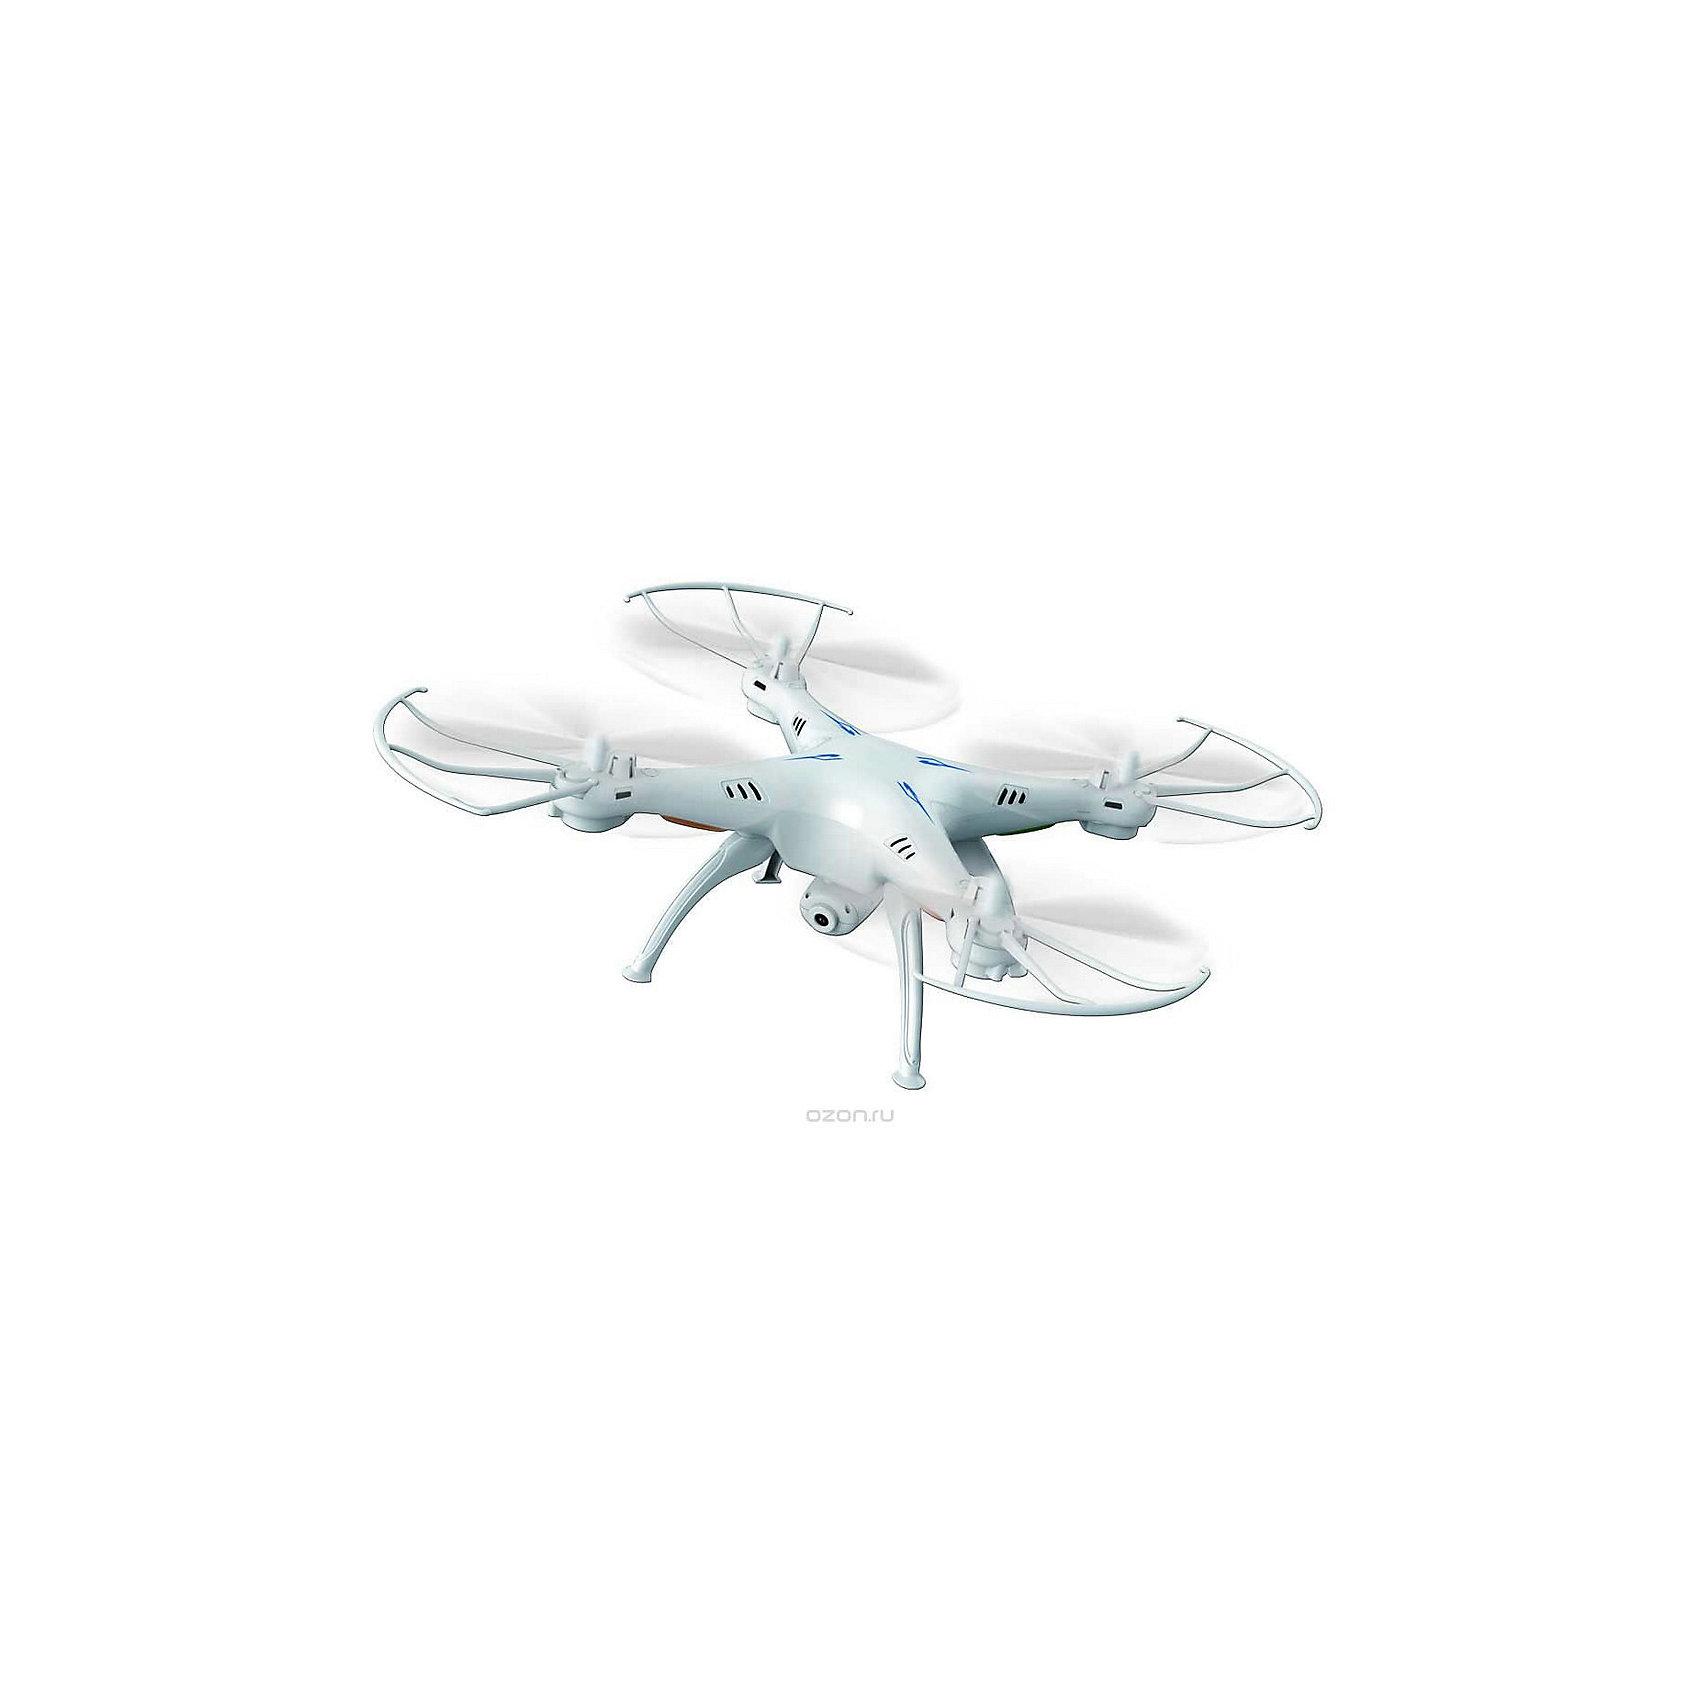 Квадрокоптер р/у Шпион, белый, Властелин небесКвадрокоптер р/у Шпион, белый, Властелин небес<br><br>Характеристики:<br><br>• встроенная камера 2 Мп<br>• функция фото- и видеосъемки, возможность трансляции на смартфон<br>• режим автоориентации<br>• время игры: до 10 минут<br>• время зарядки: около 50 минут<br>• дальность действия: 100 метров<br>• частота р/у: 2.4 ГГц<br>• аккумулятор: 3.7V, Li-poly<br>• размер игрушки: 31х31х11 см<br>• материал: пластик, металл<br>• в комплекте: квадрокоптер, пульт управления, крепление для смартфона, USB кабель, аккумулятор, запасные винты, отвертка, инструкция<br>• батарейки: АА - 4 шт. (не входят в комплект)<br>• цвет: белый<br><br>Квадрокоптер Шпион - действительно фантастическая игрушка для детей и взрослых. Он оснащен встроенной камерой 2 Мп, которая позволяет делать фото и видео в процессе полета. Кроме того, вы можете воспользоваться надежным креплением для смартфона и наблюдать за красотой полета в реальном времени! Высокая дальность действия позволит вам сделать красивые фото, не сходя с места. Квадрокоптер оснащен функцией HEADLESS MODE, при включении которой игрушка автоматически ориентируется в пространстве и распознает, какая сторона должна быть задом, а какая передом. В комплект входят запасные детали на случай поломки. Время игры при полной зарядке - до 10 минут.<br>Необходимы четыре батарейки АА (не входят в комплект).<br><br>Квадрокоптер р/у Шпион, белый, Властелин небес можно купить в нашем интернет-магазине.<br><br>Ширина мм: 95<br>Глубина мм: 410<br>Высота мм: 340<br>Вес г: 1130<br>Возраст от месяцев: 120<br>Возраст до месяцев: 2147483647<br>Пол: Мужской<br>Возраст: Детский<br>SKU: 5397120